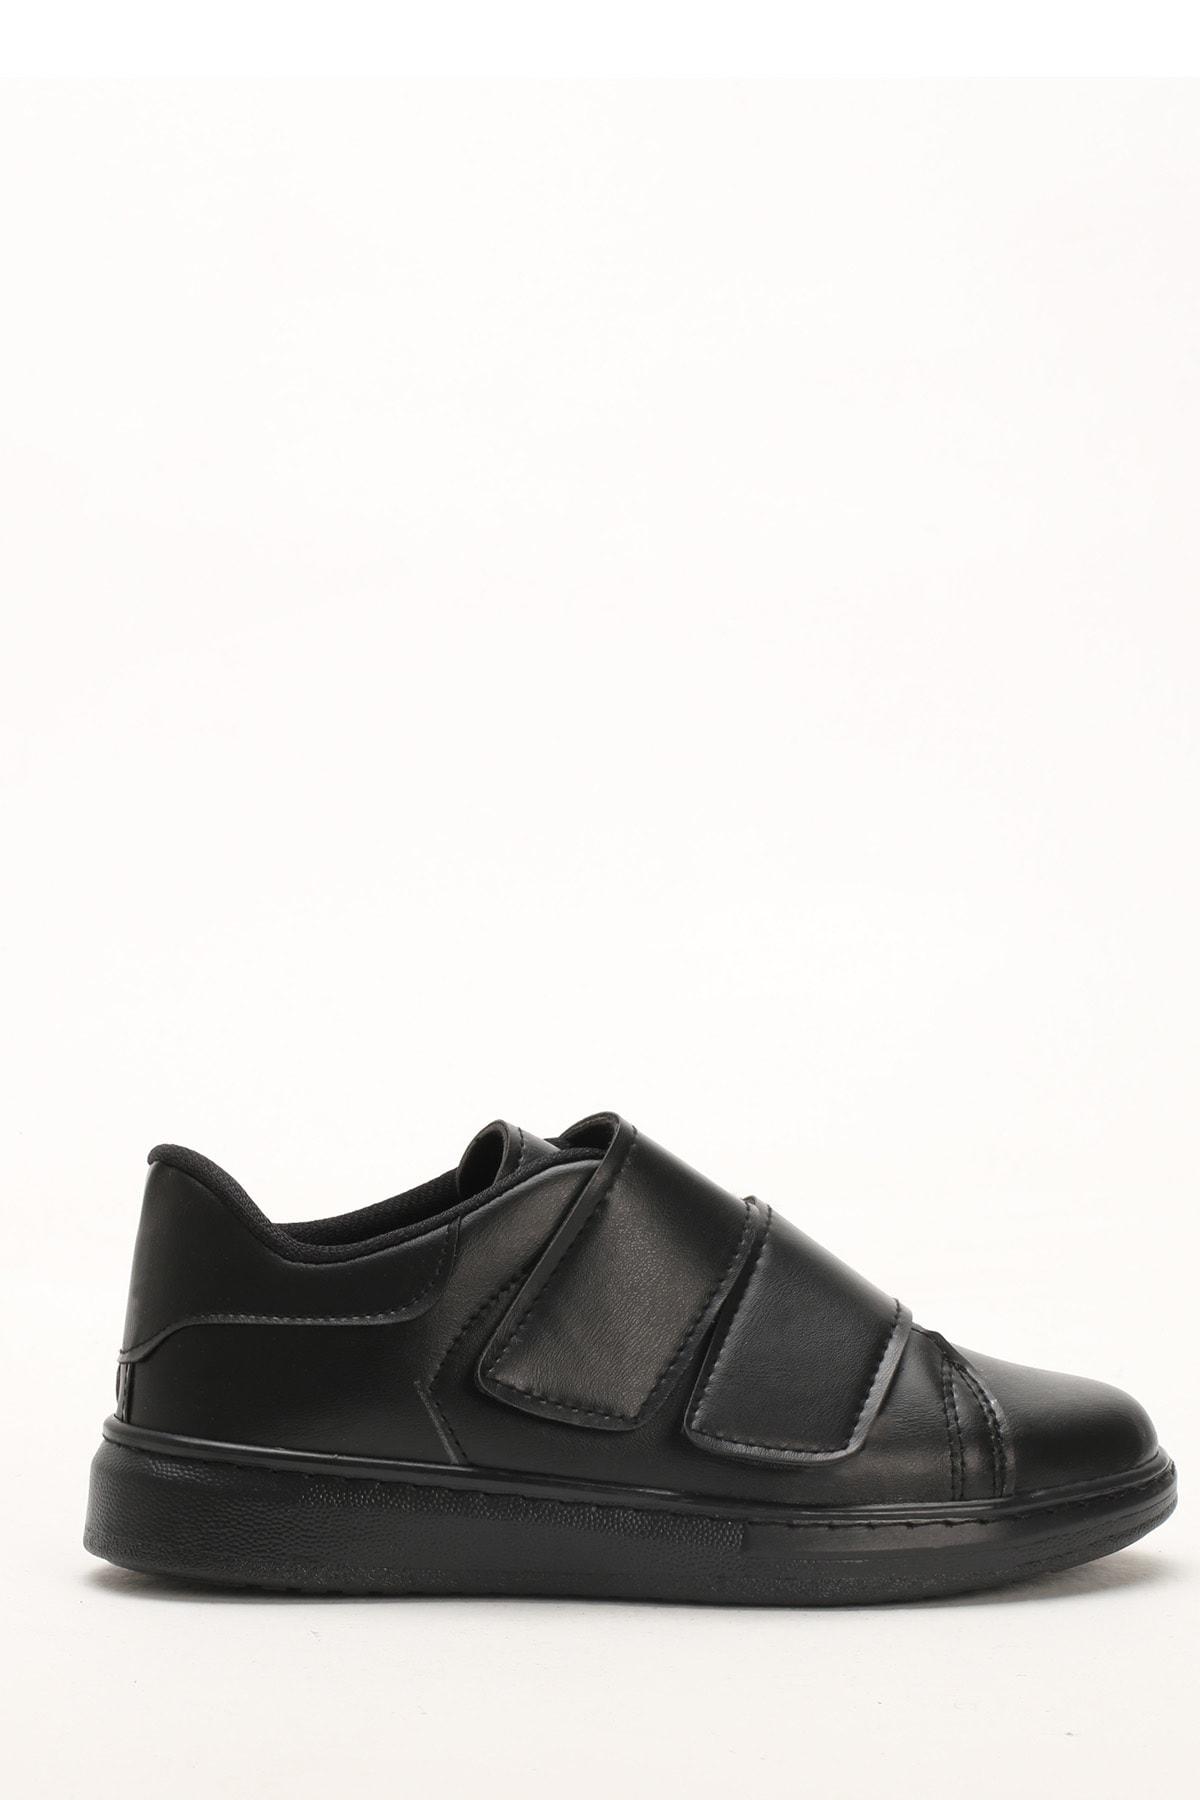 Siyah Kadın Spor Ayakkabı M4000-19-101003R